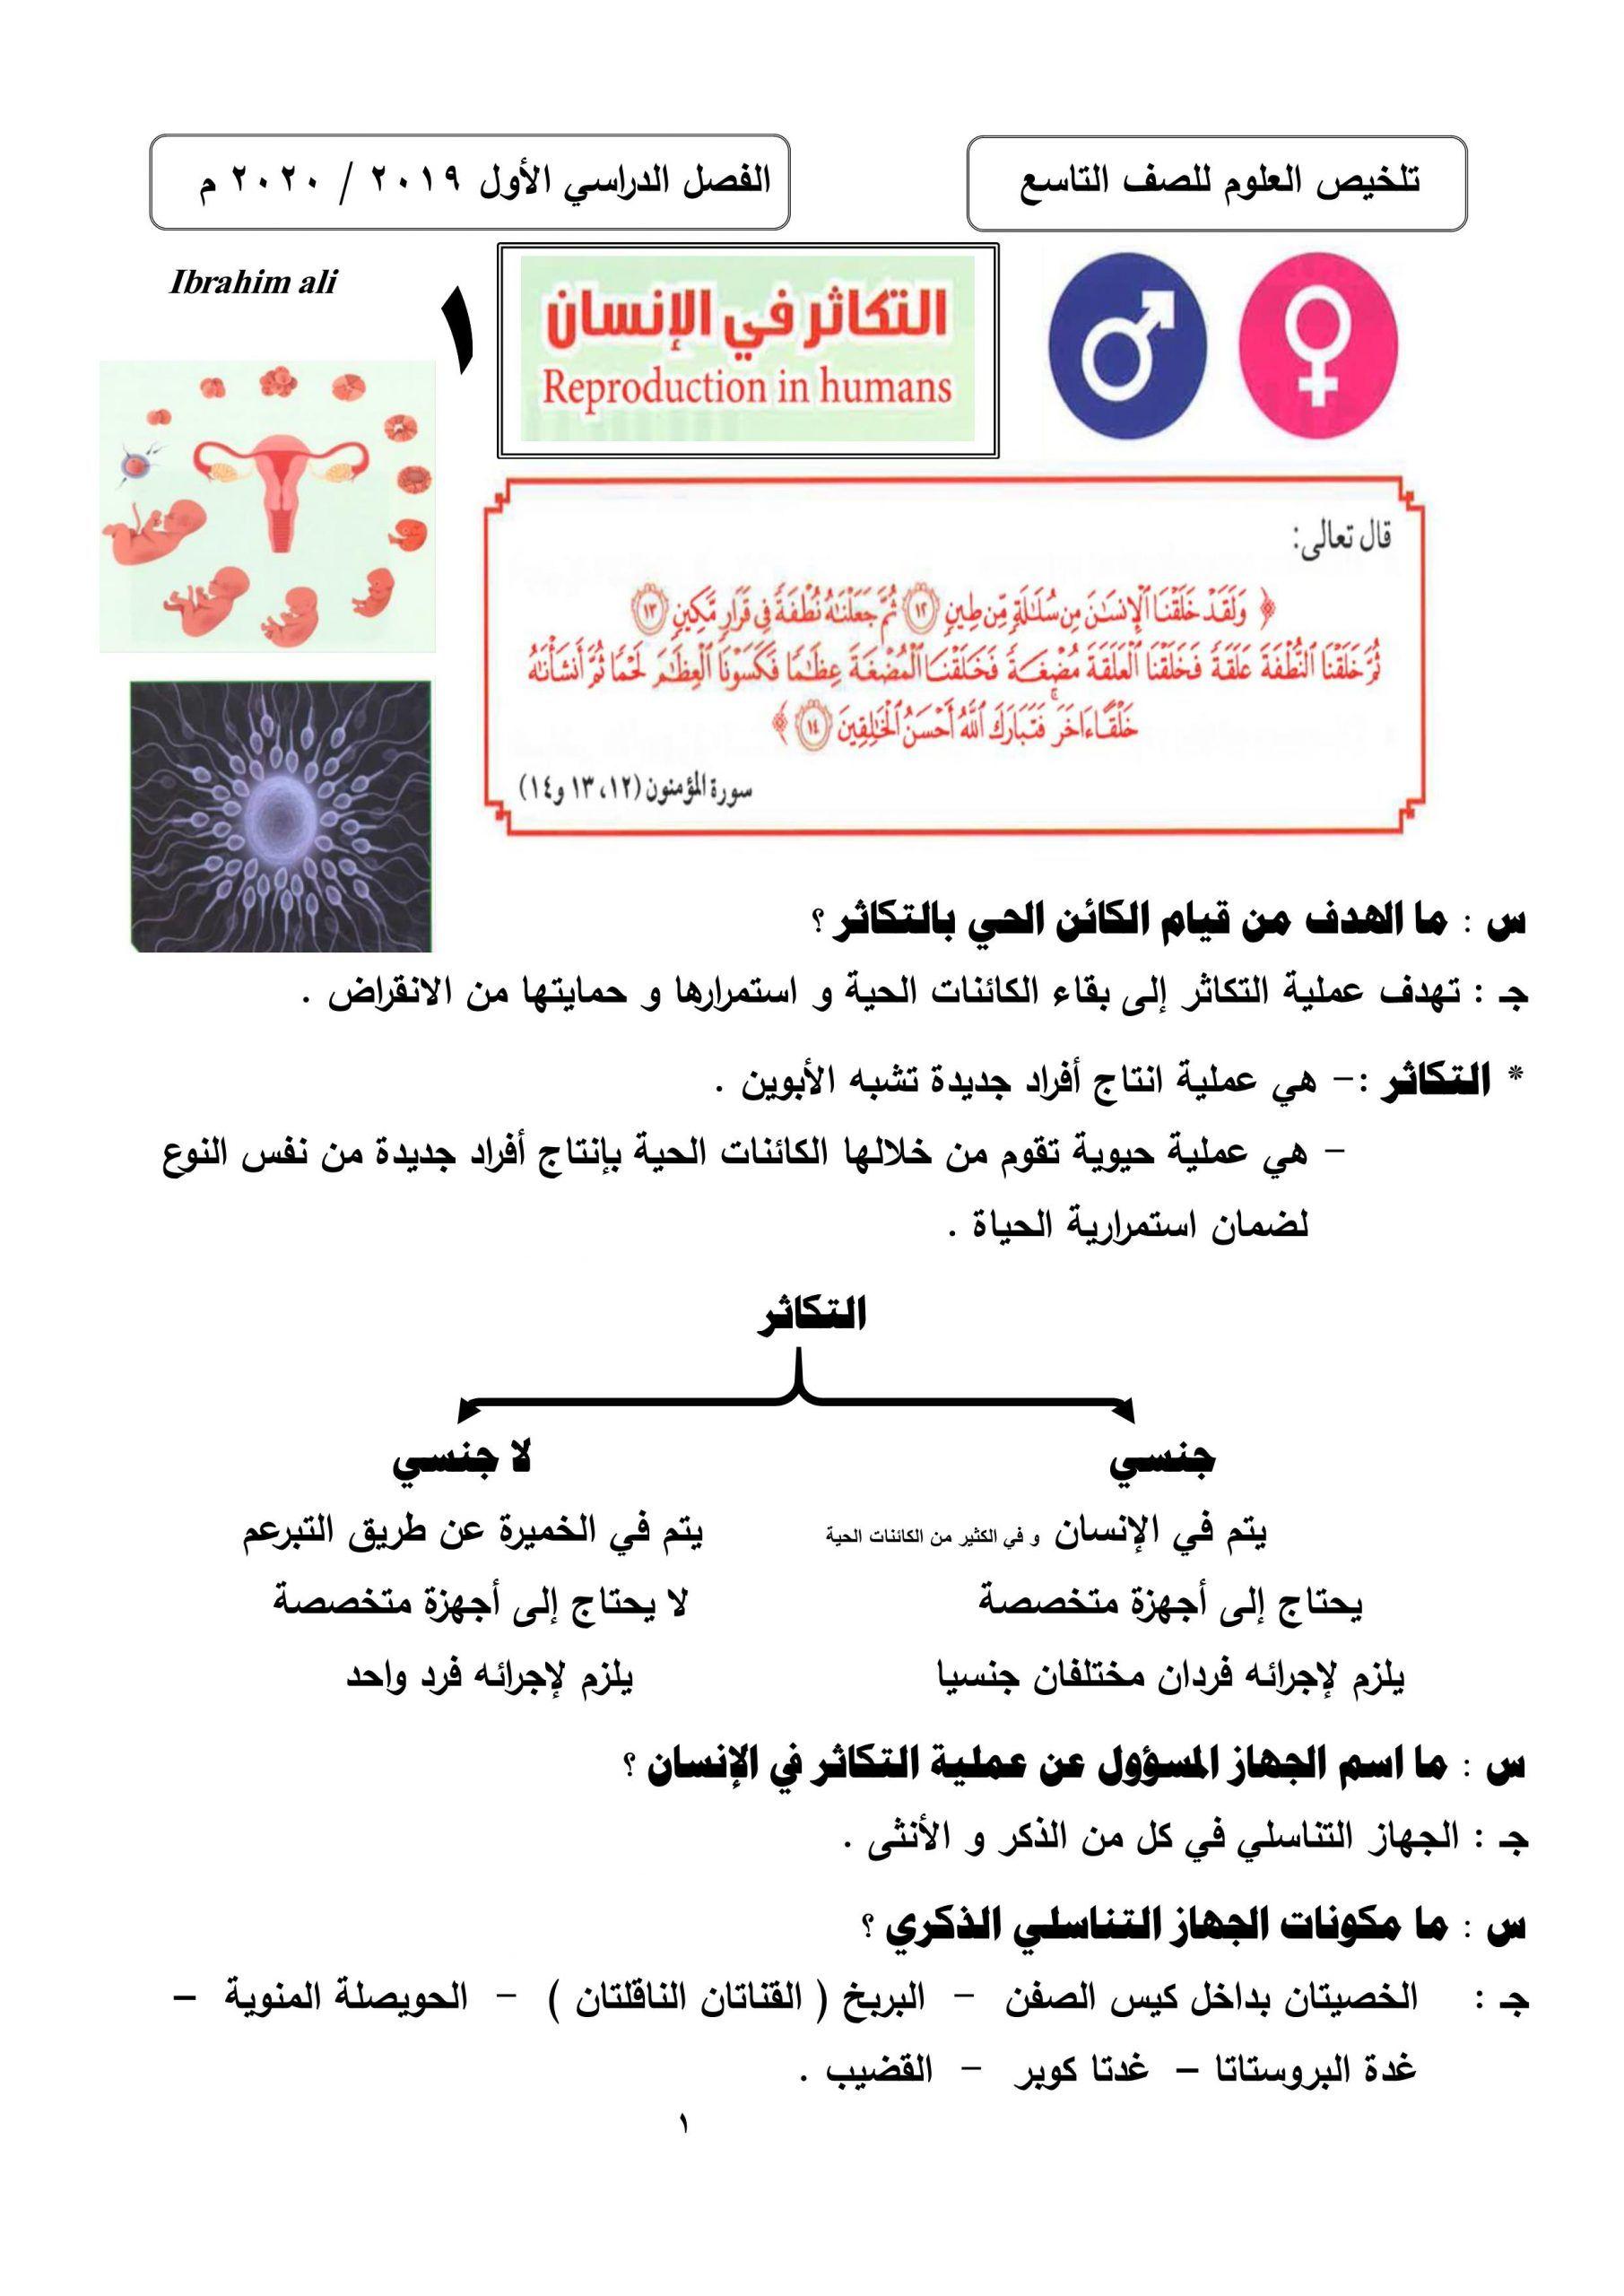 ملخص شامل الفصل الدراسي الاول الصف التاسع مادة العلوم المتكاملة Human